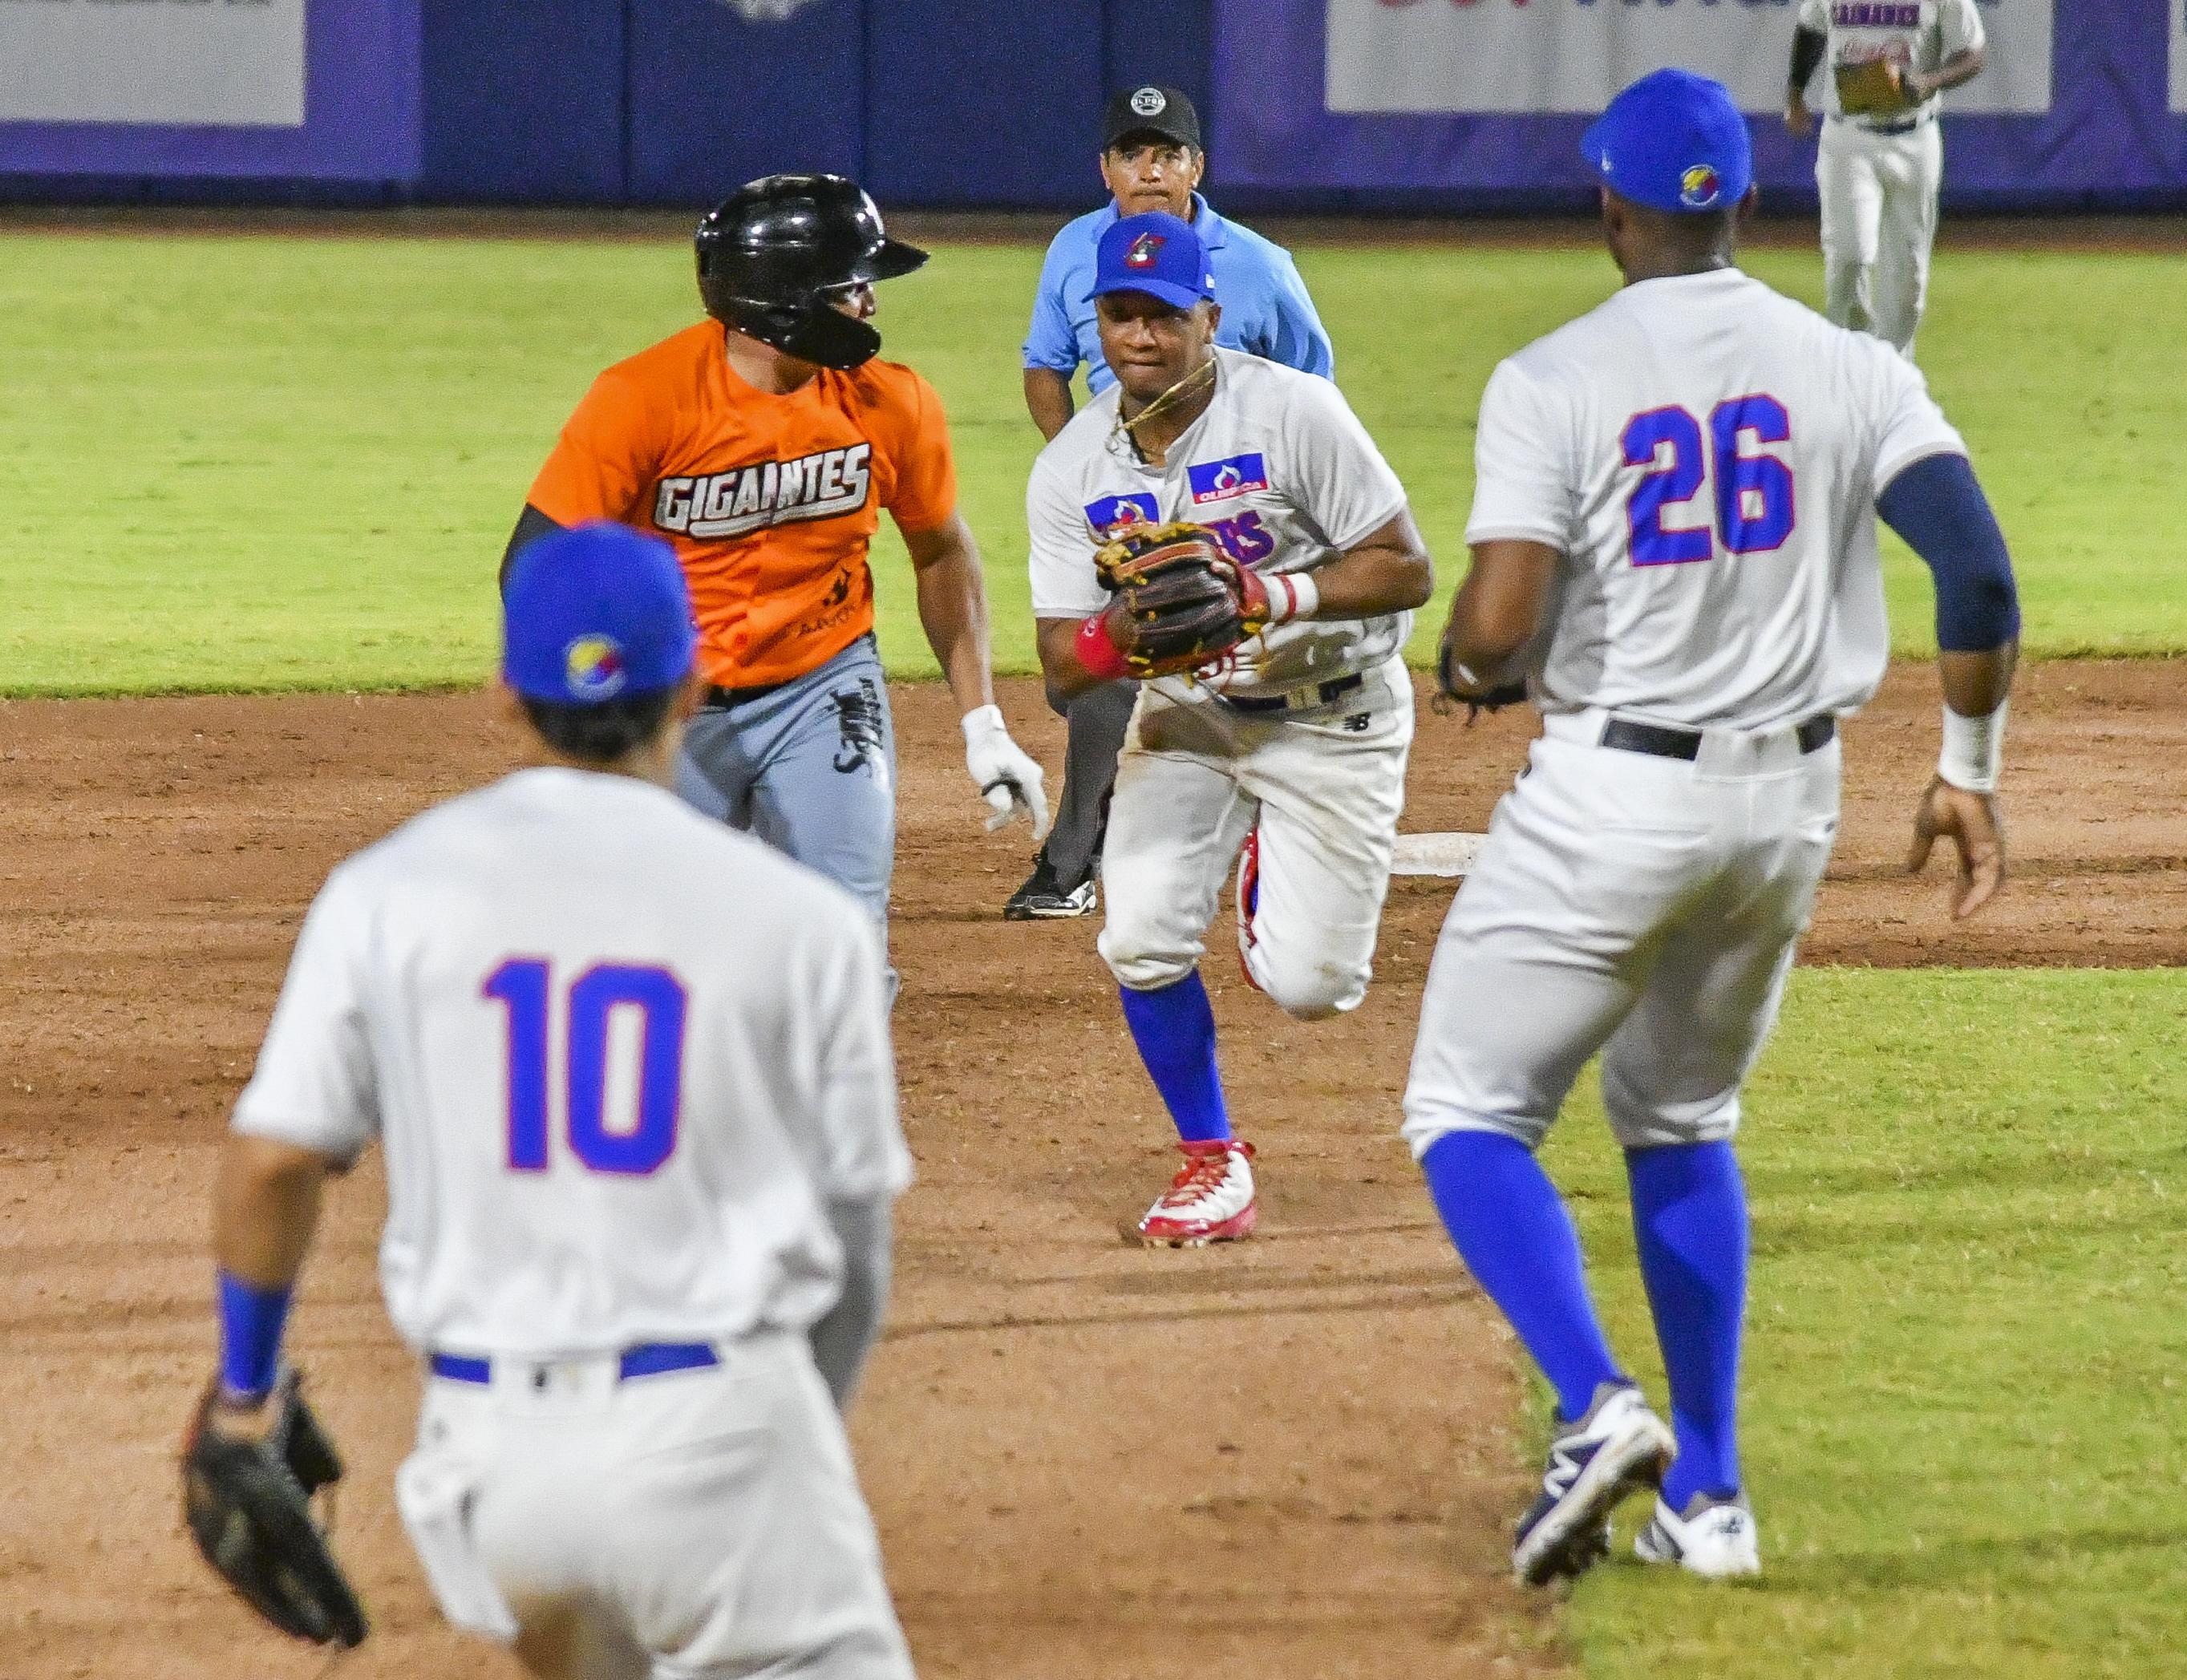 Acción de un juego entre Caimanes y Gigantes.